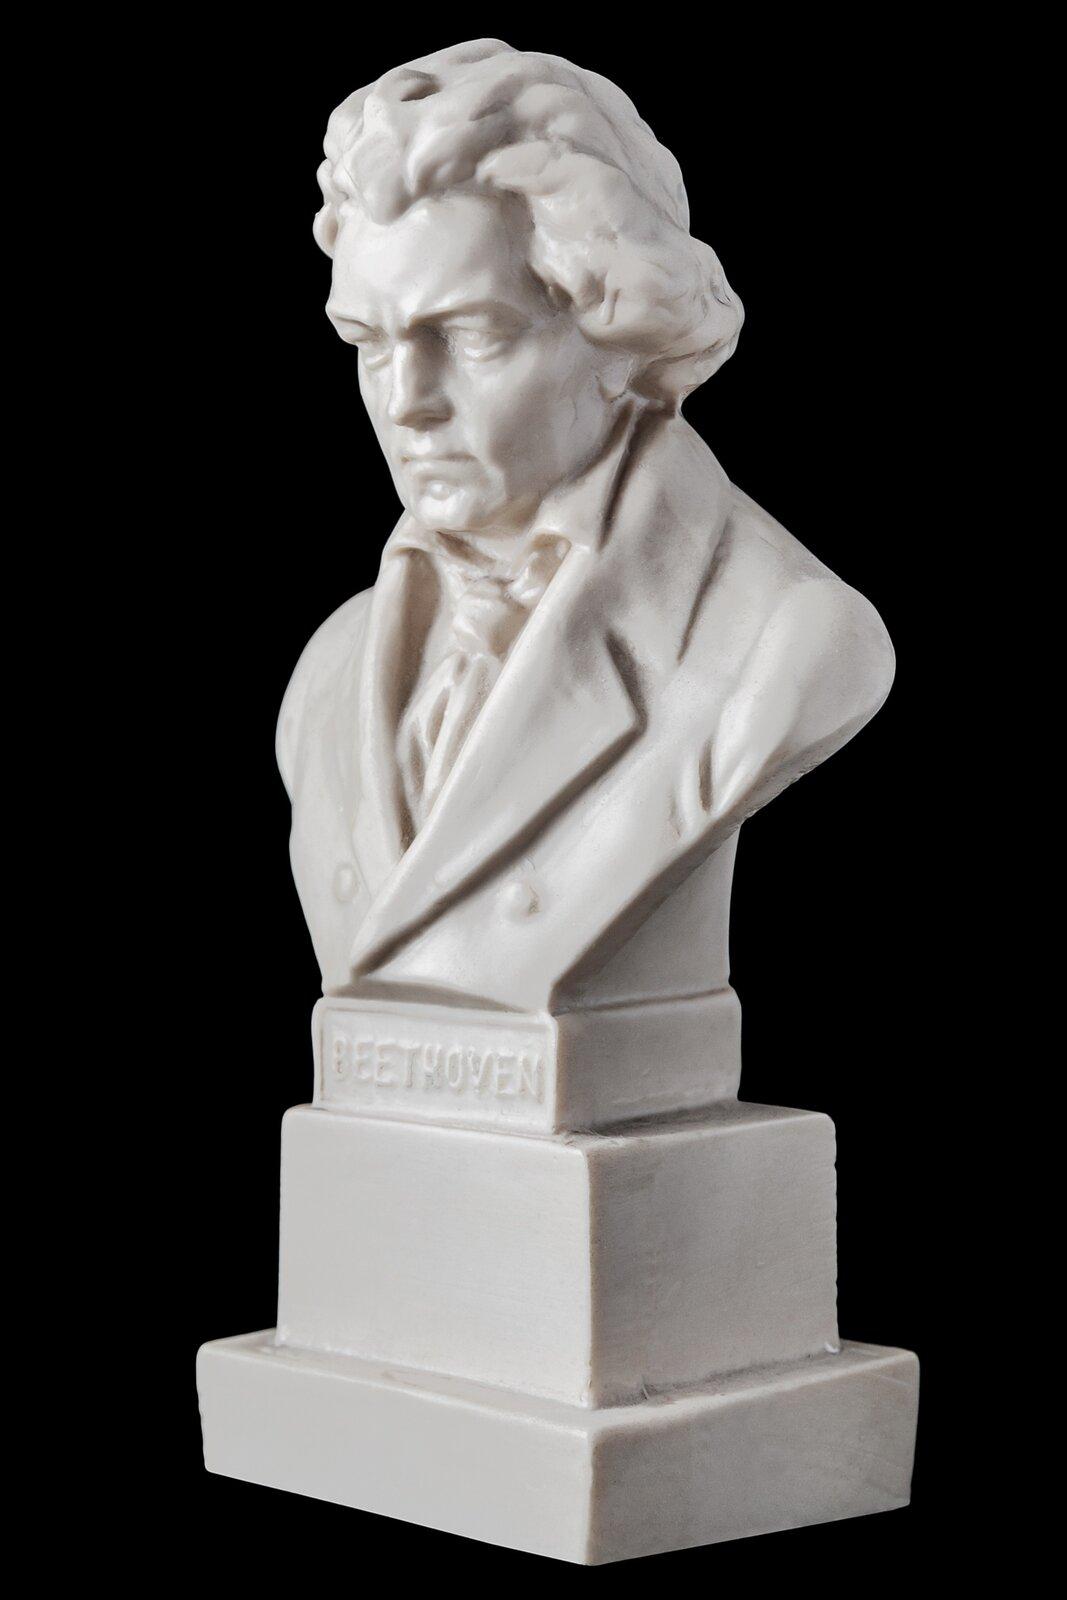 Ilustracja przedstawia popiersie słynnego niemieckiego kompozytora Ludviga van Beethovena. Mężczyzna zpoważną mimiką twarzy, włosy dłuższe, lekko kręcone. Ubrany wkoszulę, krawat ifrak.